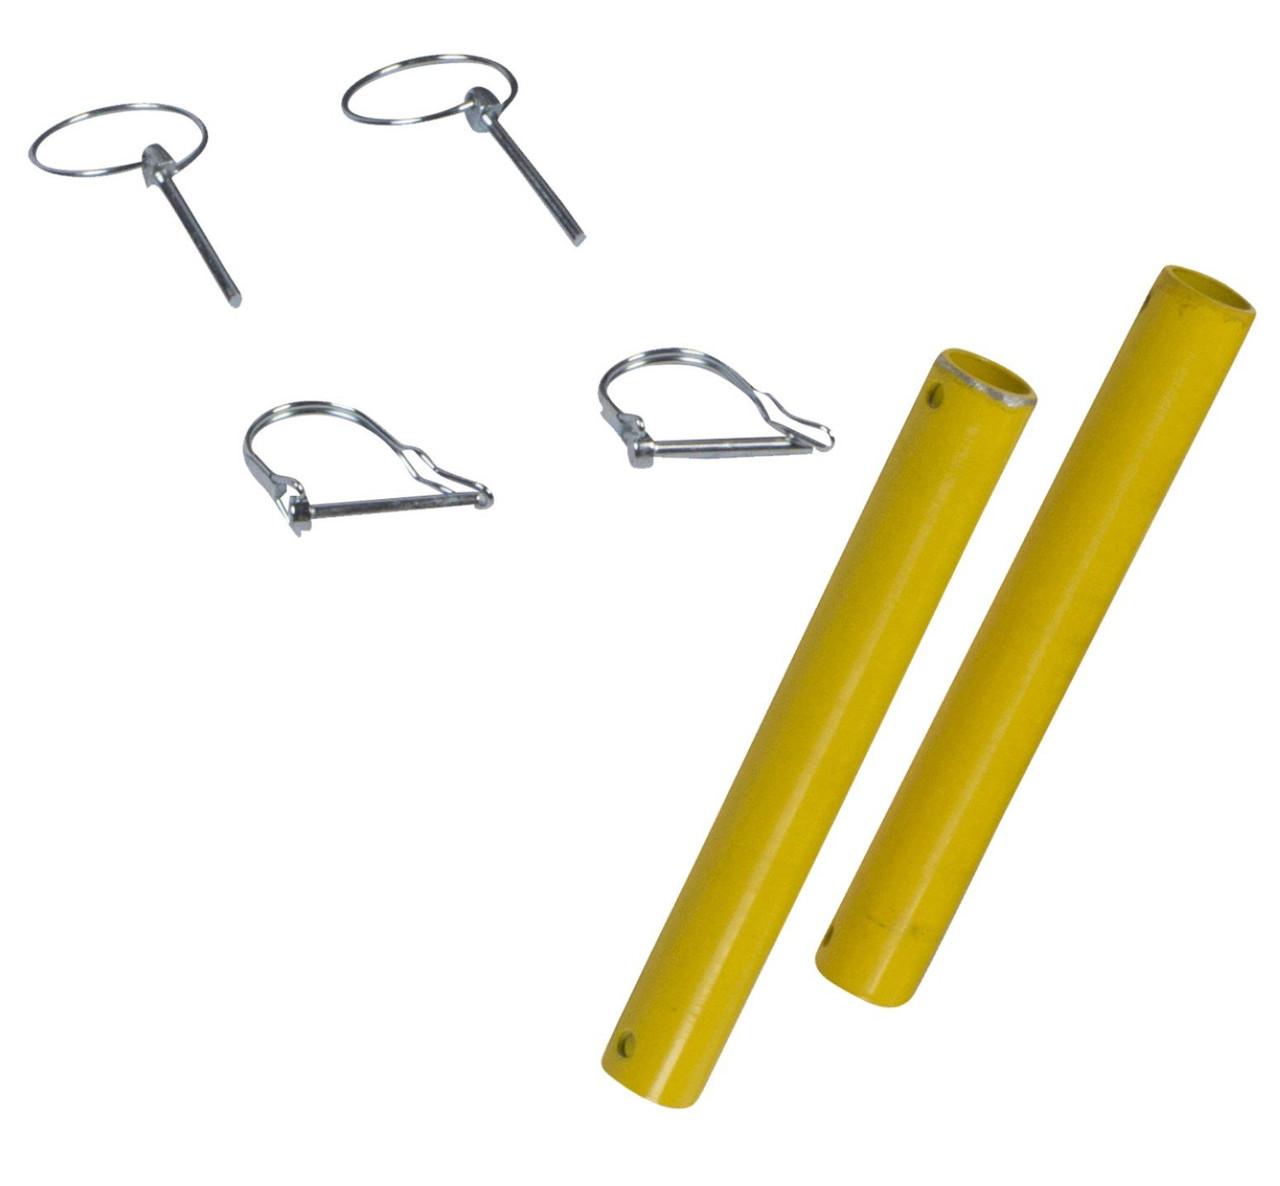 Axle Extender Kit